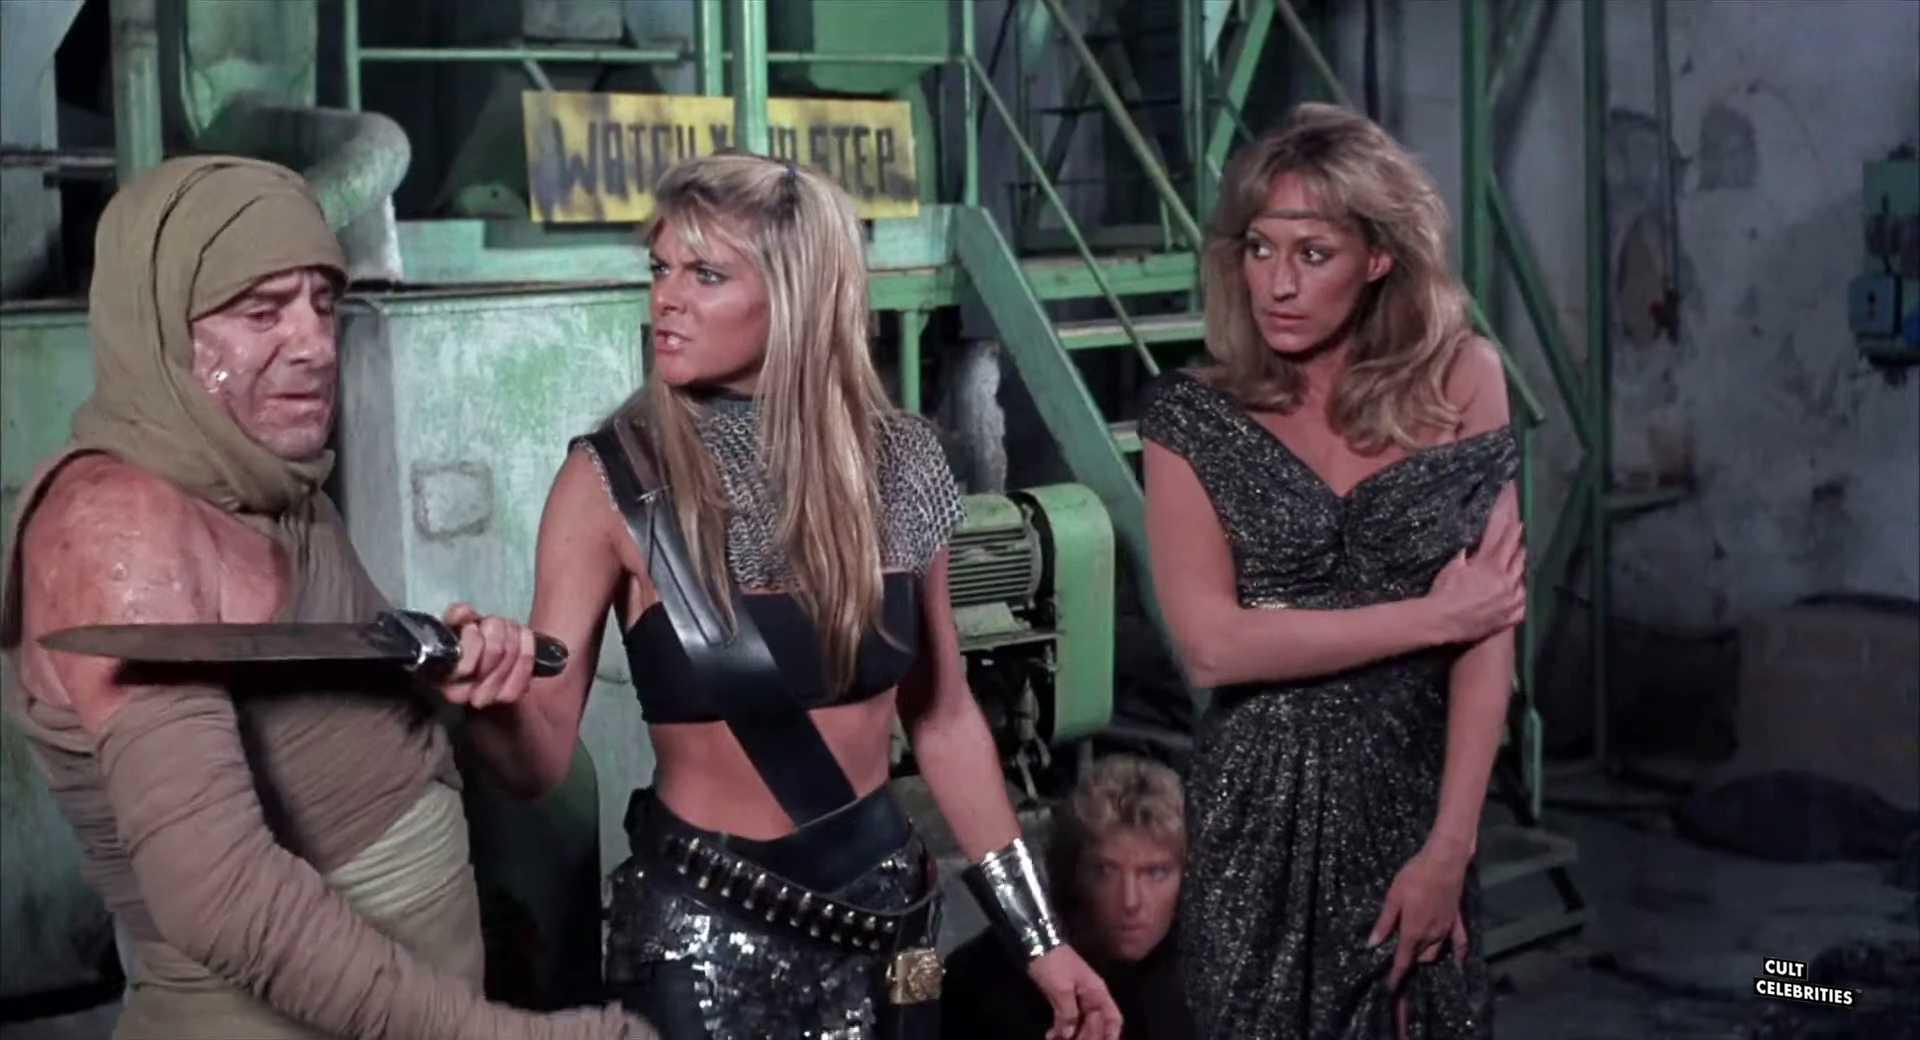 Sandahl Bergman and Quin Kessler in She (1984)